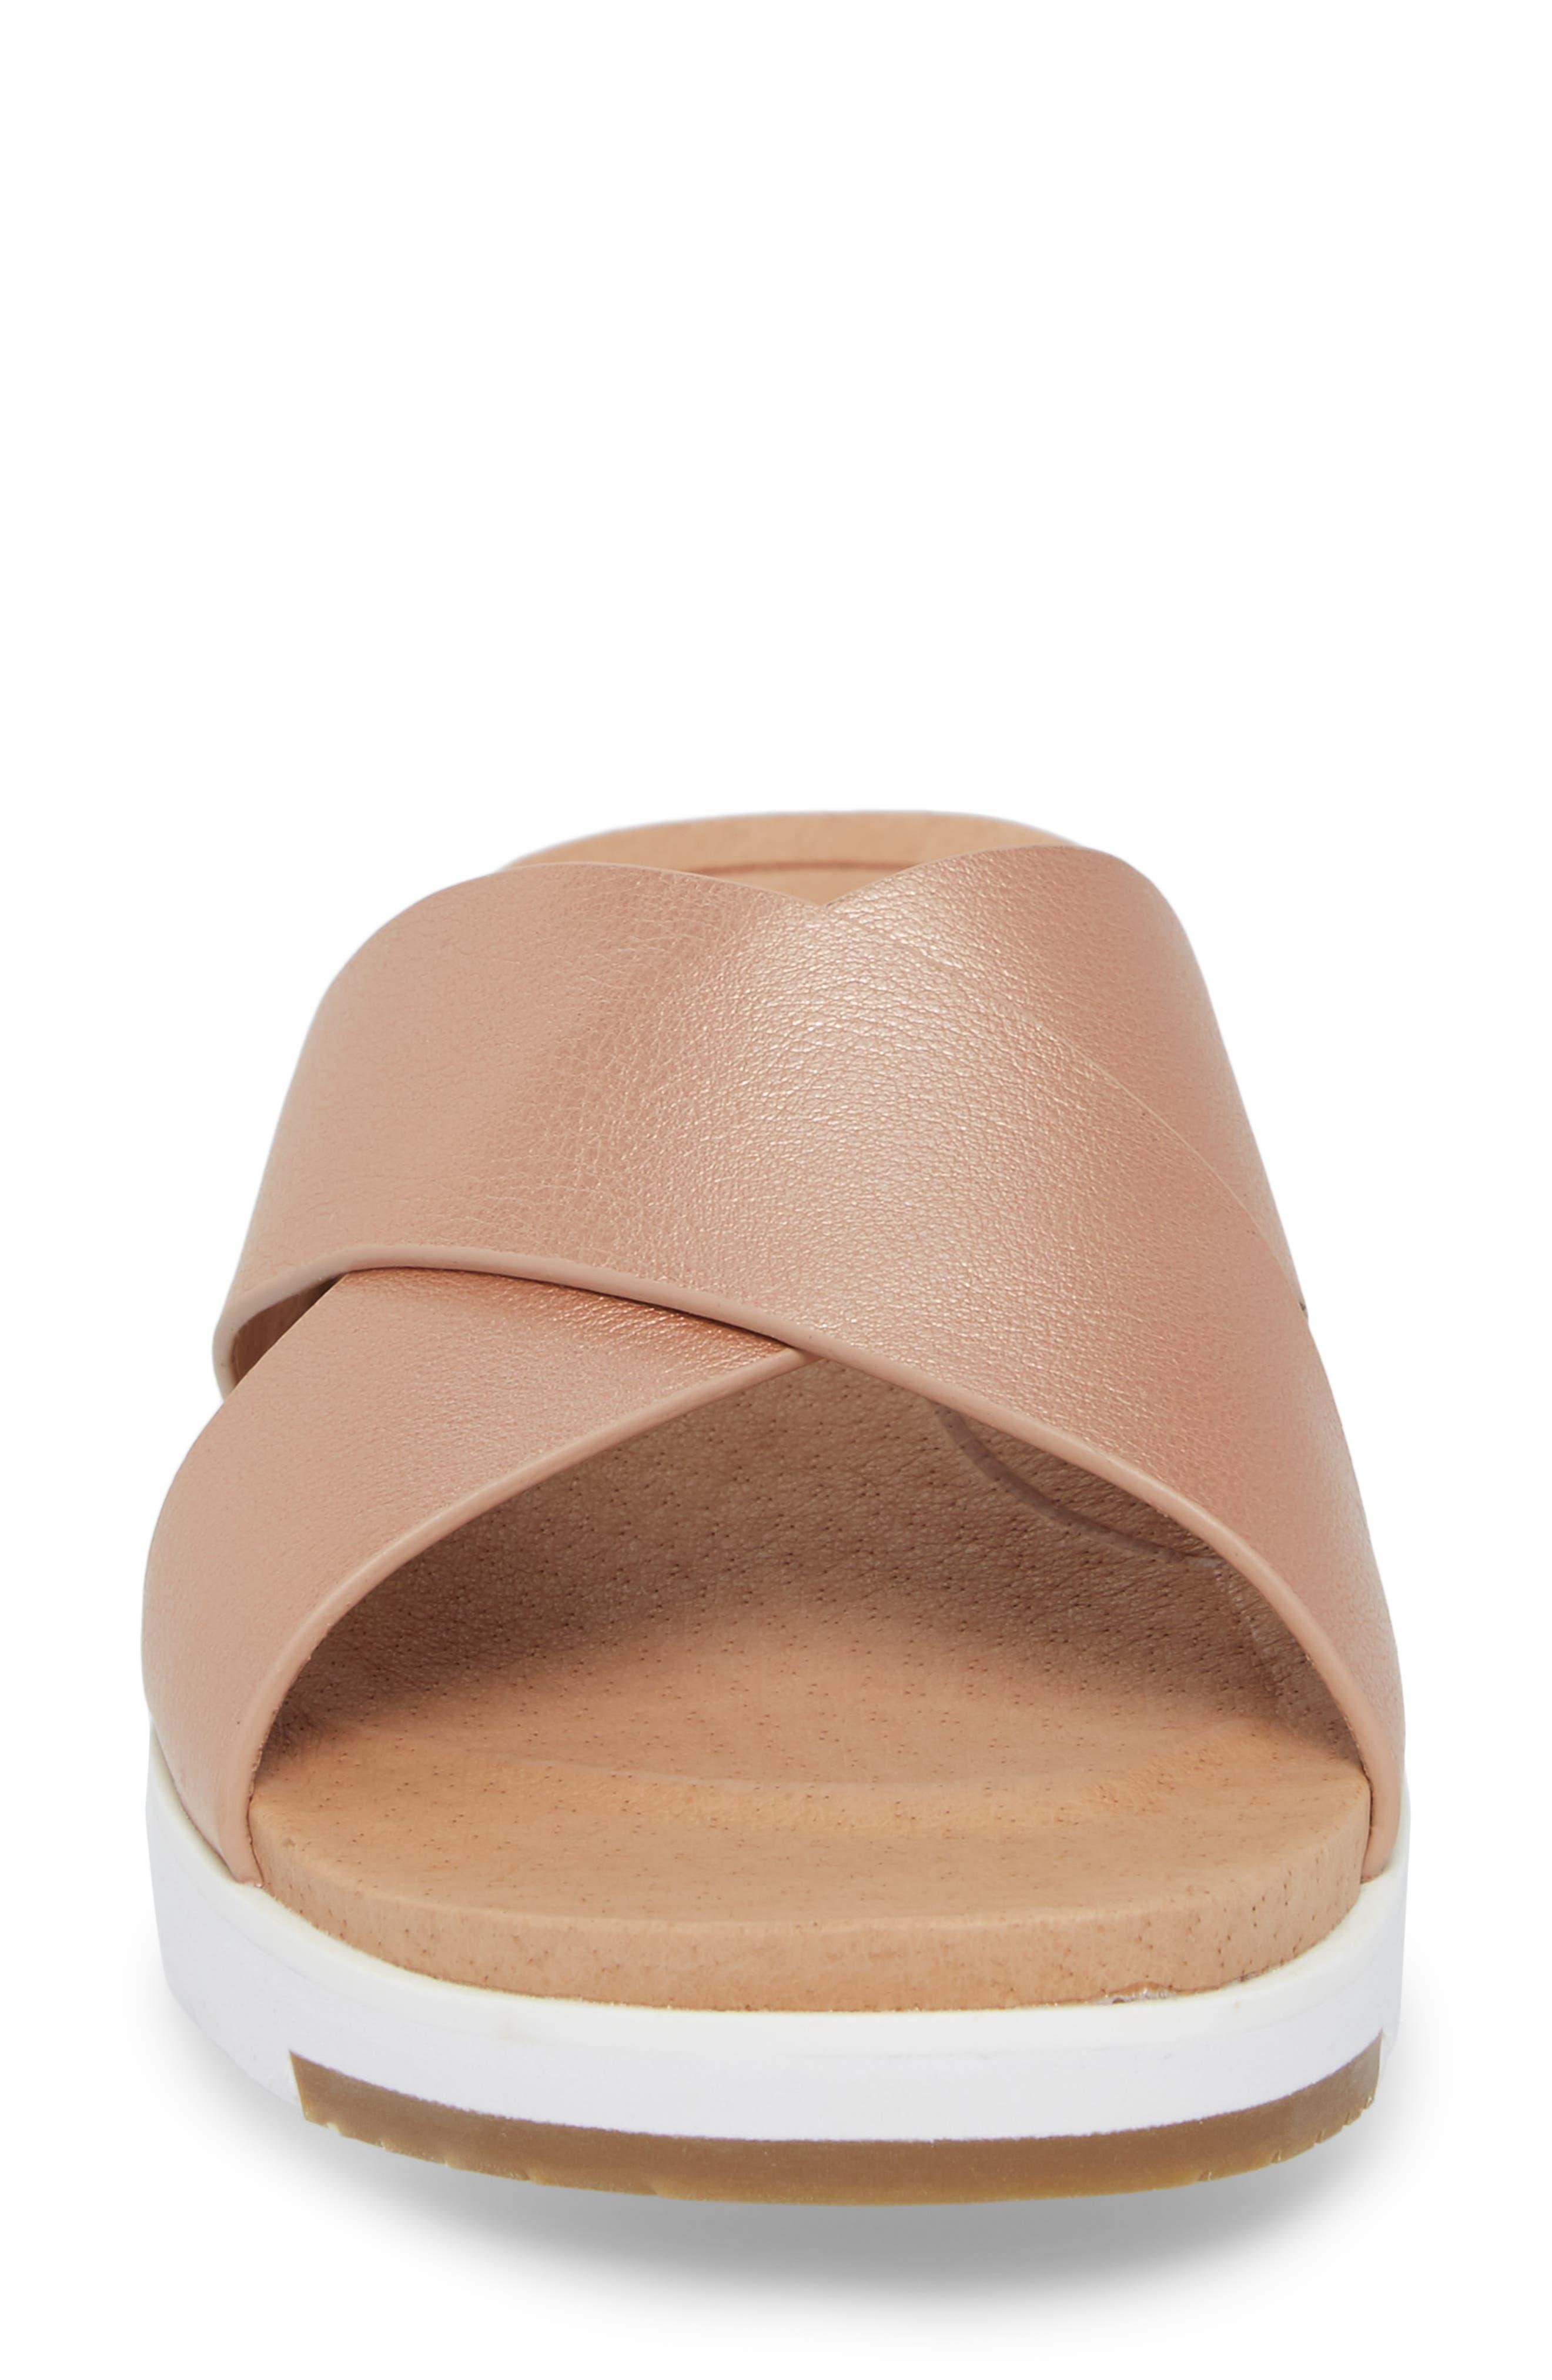 UGG<SUP>®</SUP>, Kari Slide Sandal, Alternate thumbnail 4, color, ROSE GOLD LEATHER